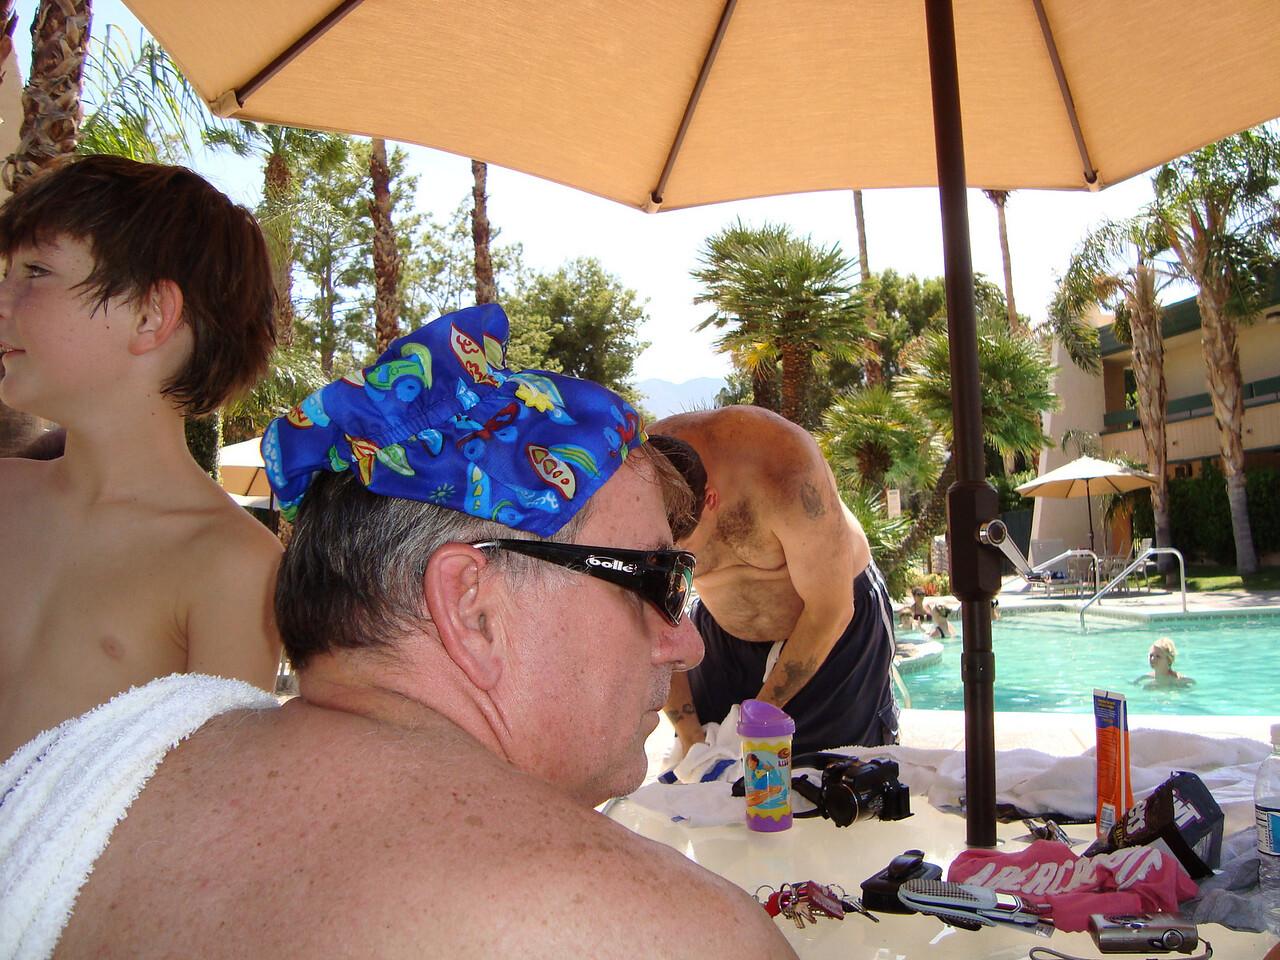 Uncle Dan at the pool.